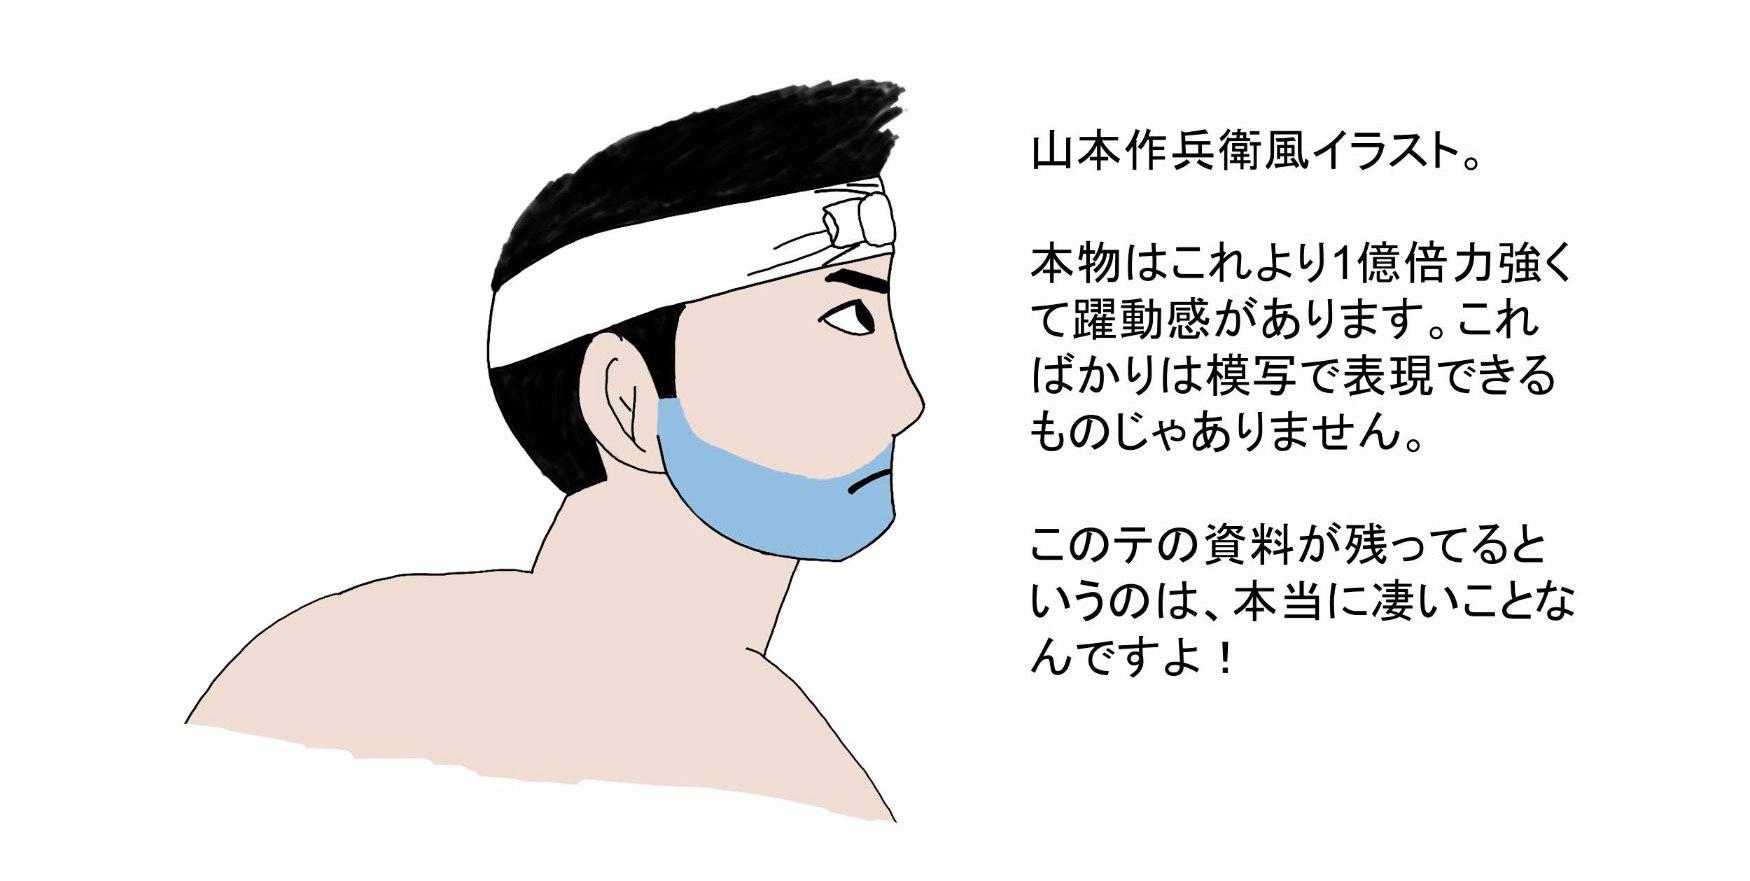 3pun-sakube